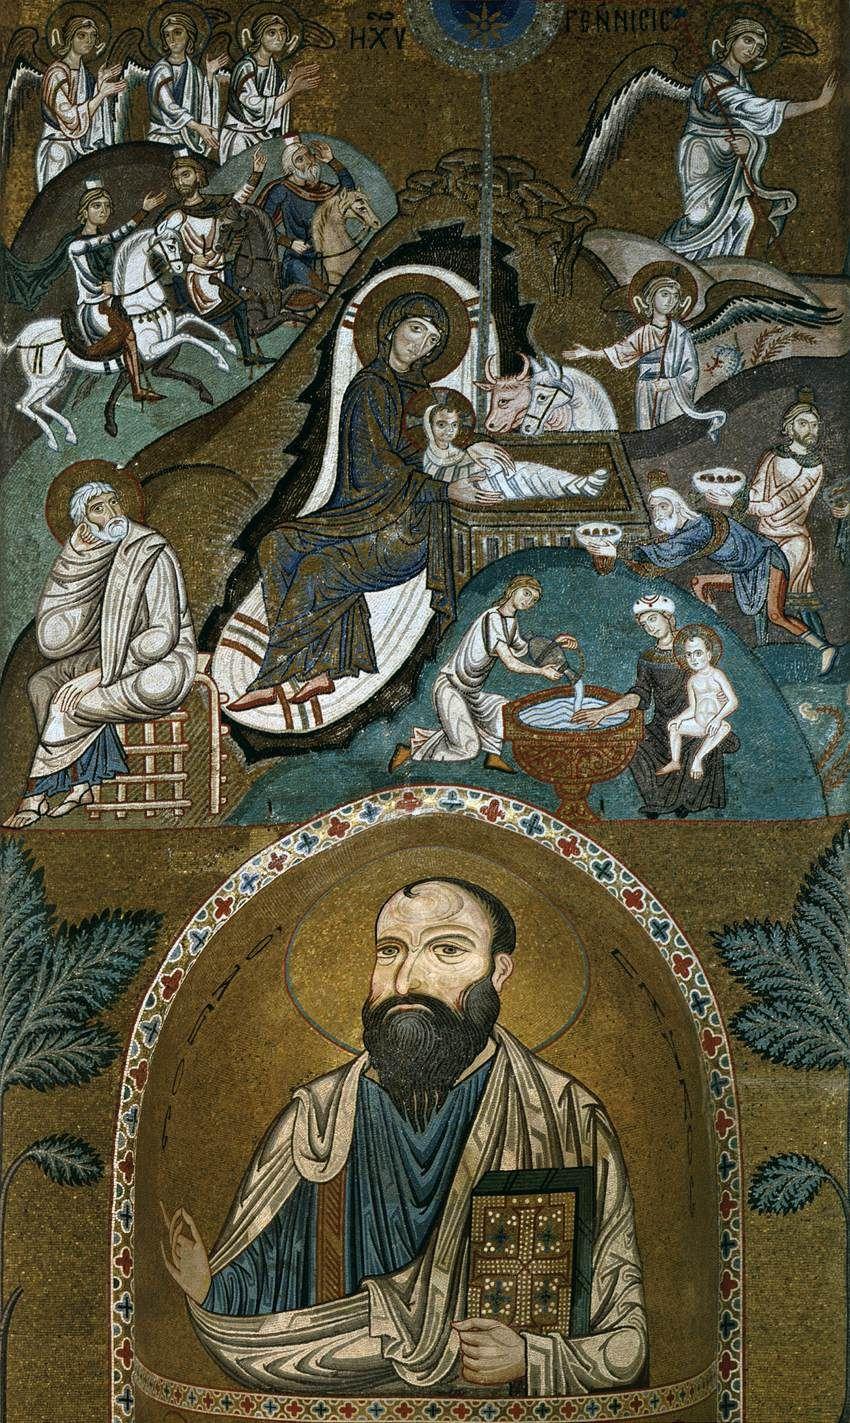 cappella palatina mosaics - Hledat Googlem